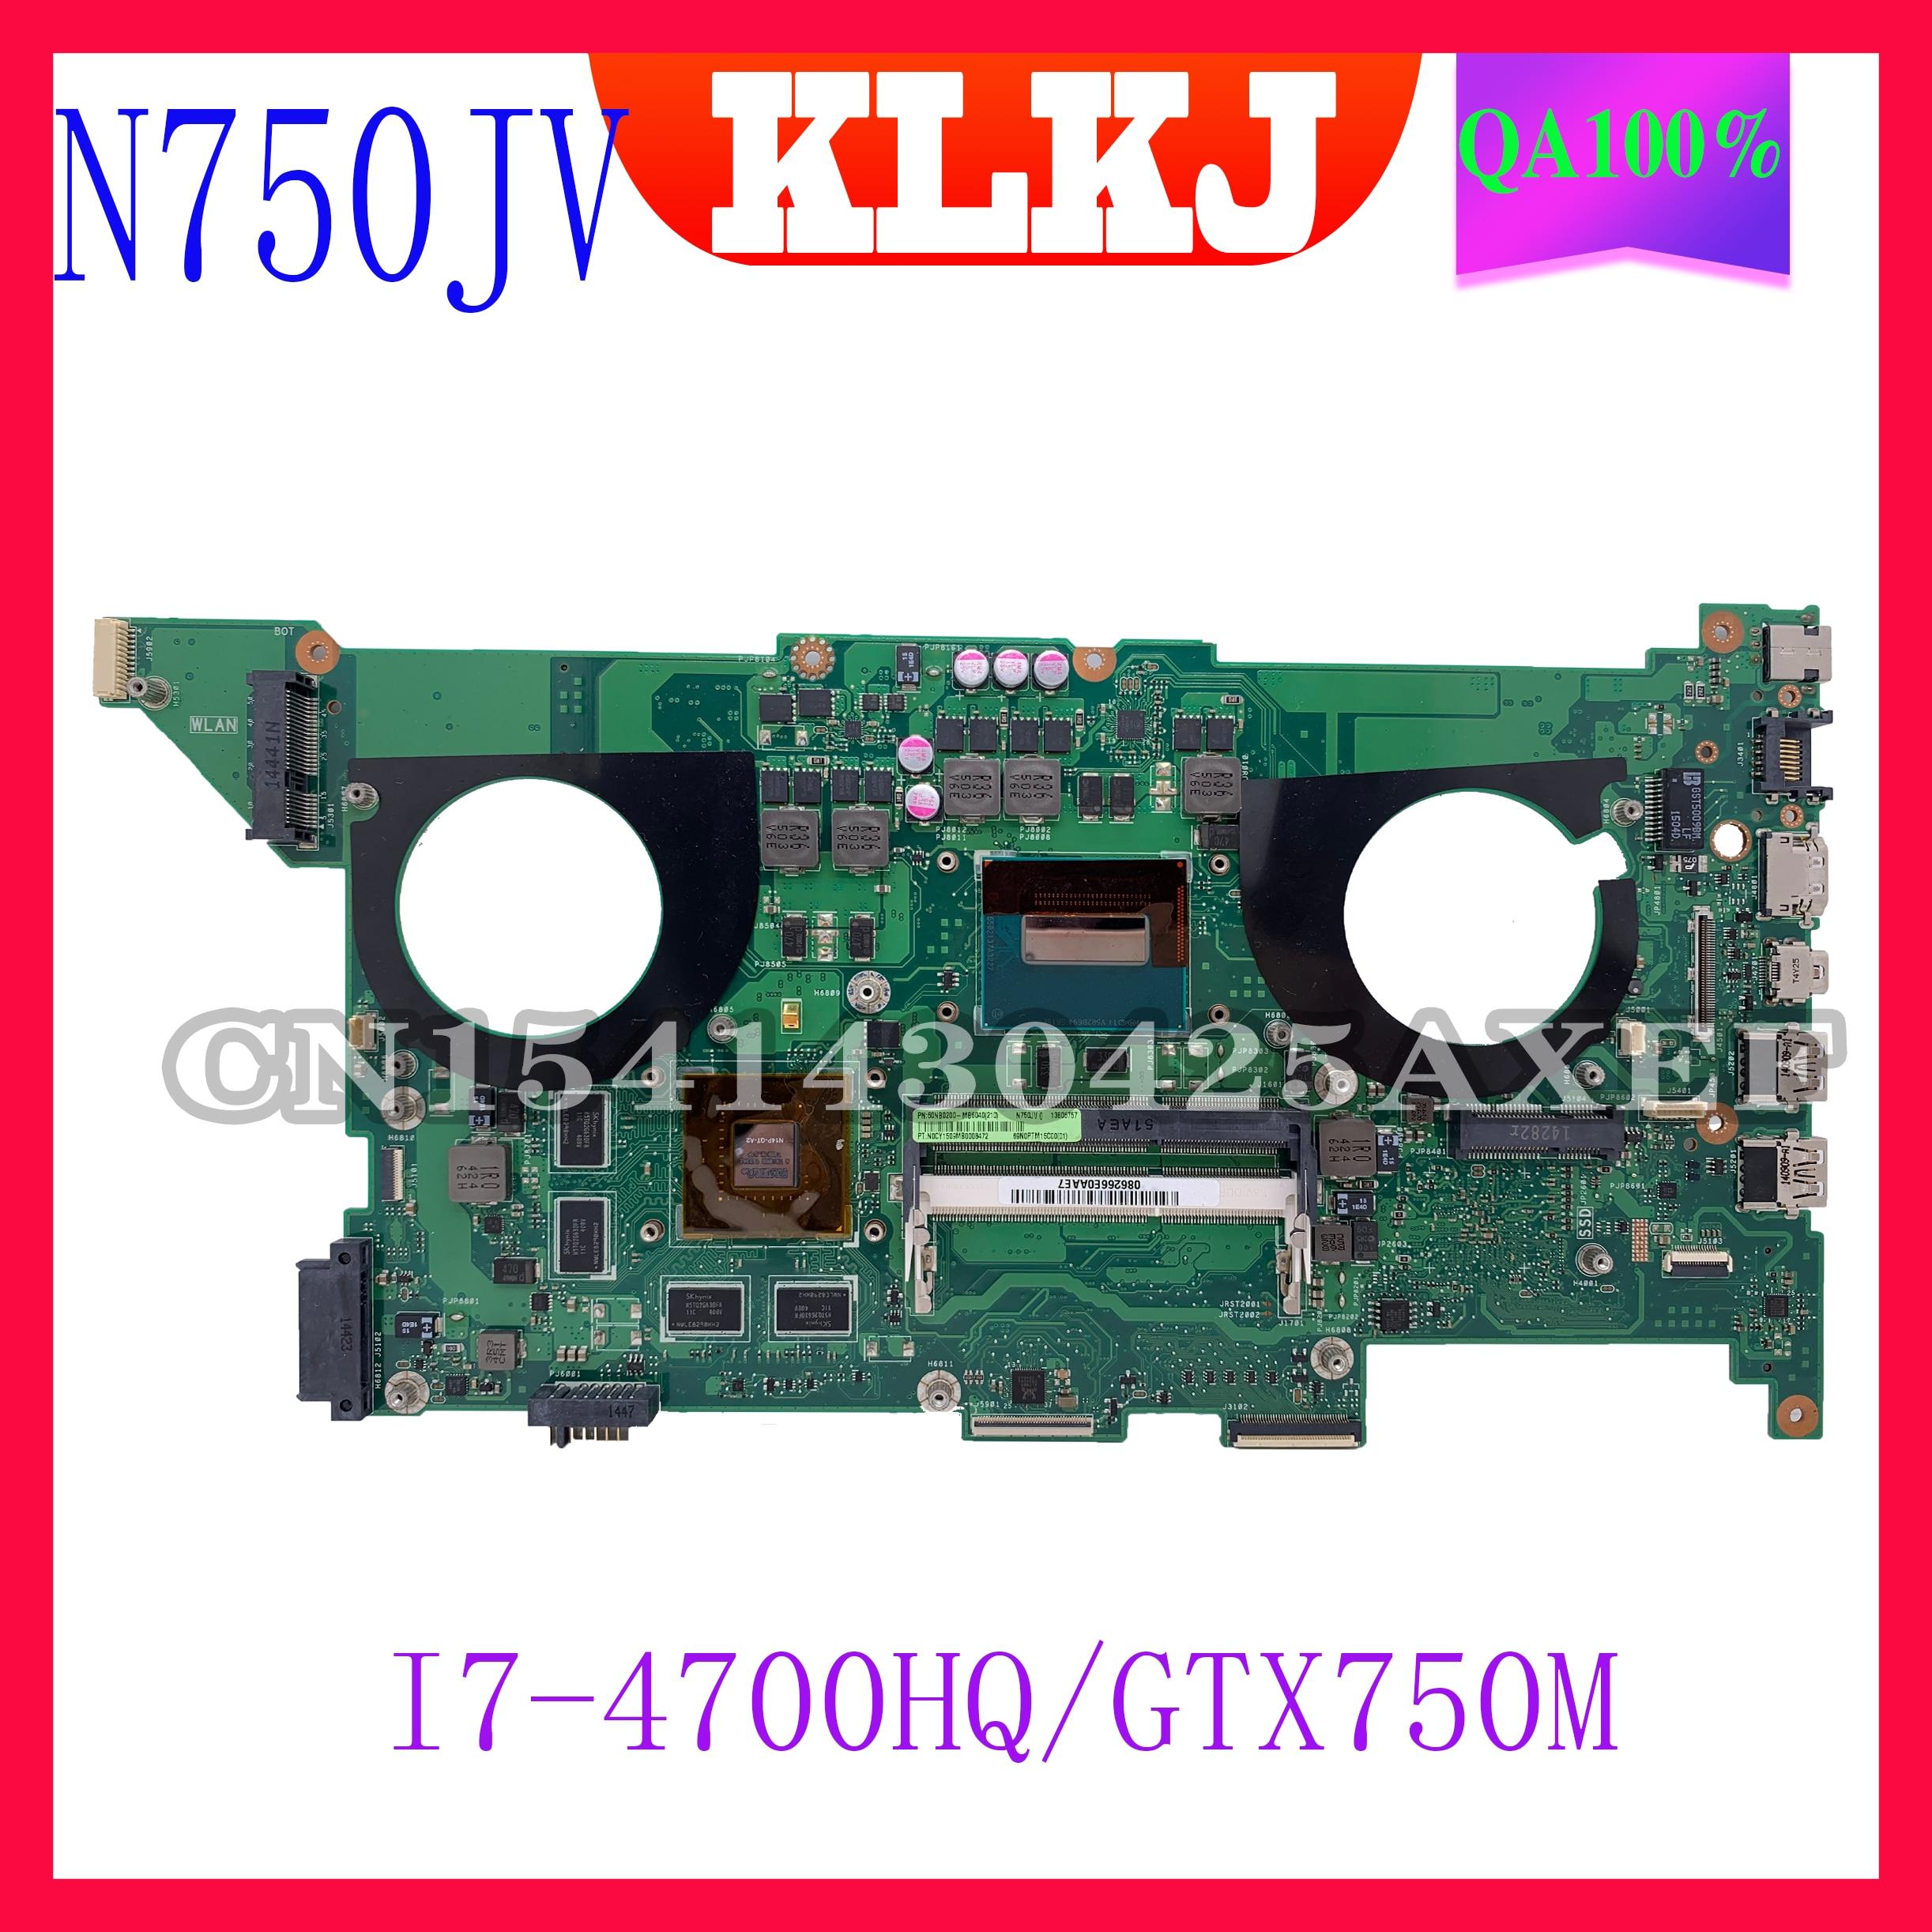 Dinzi N750JV ASUS N750J N750JV N750JK I7-4700HQ CPU GTX750M الكمبيوتر المحمول اللوحة ASUS N750JV اللوحة الرئيسية اختبار 100% OK